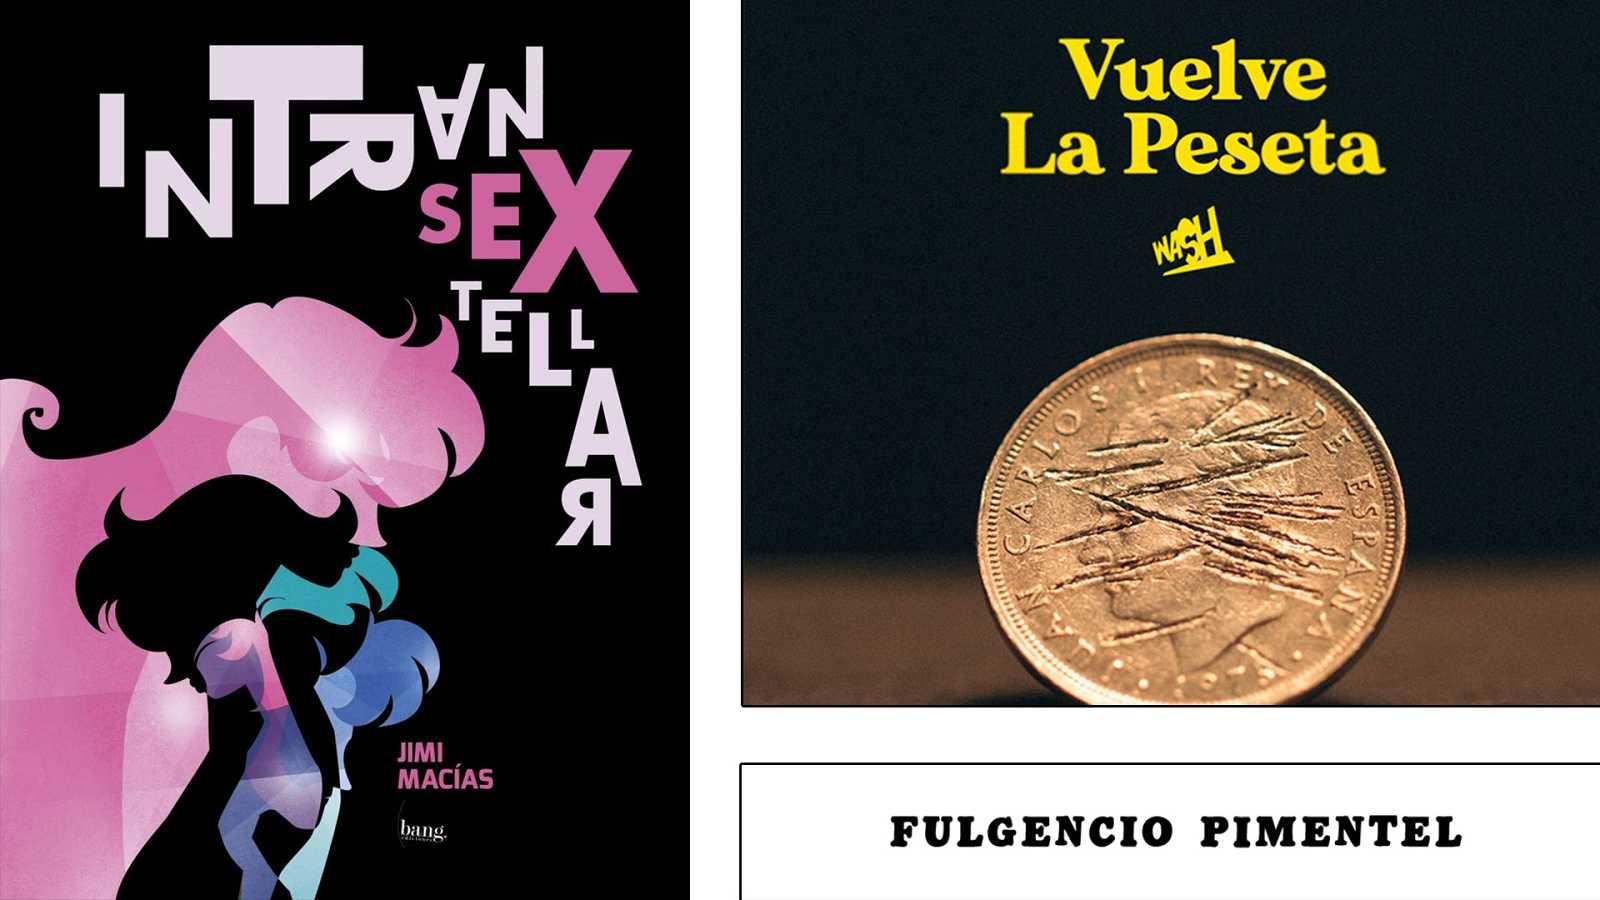 ¡Qué de cómics! - Intransextellar, Fulgencio Pimentel y Vuelve la Peseta - Escuchar ahora